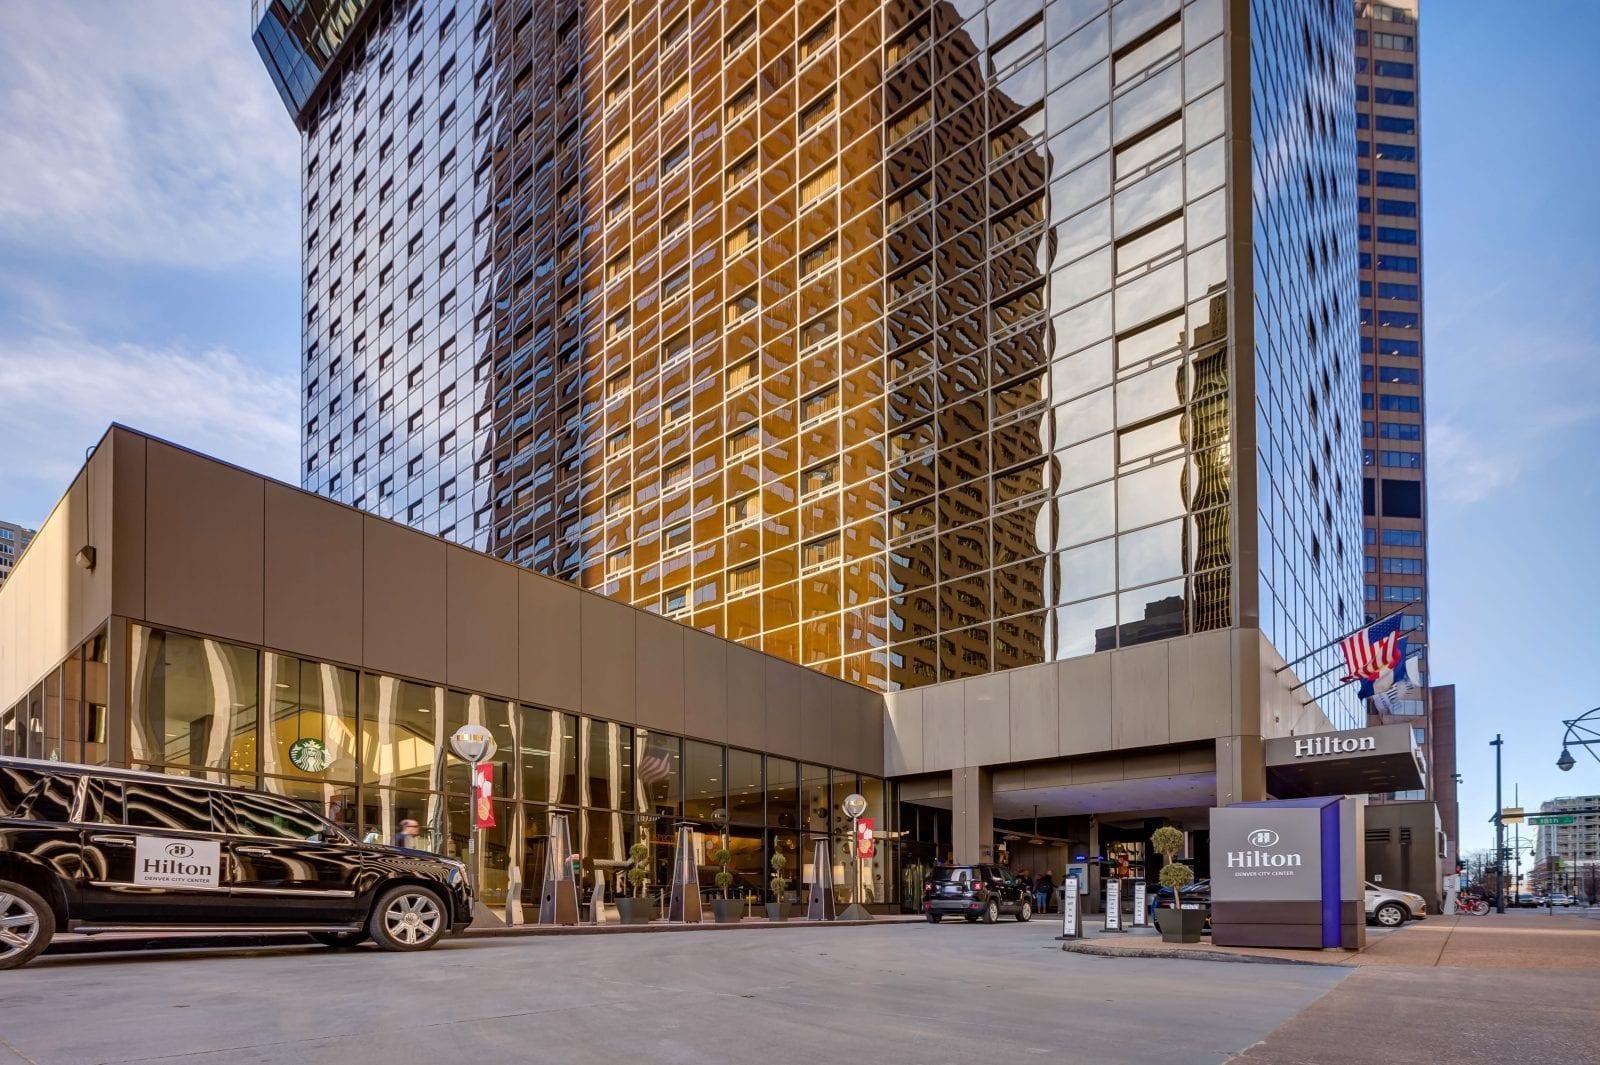 Hilton Denver City Center.